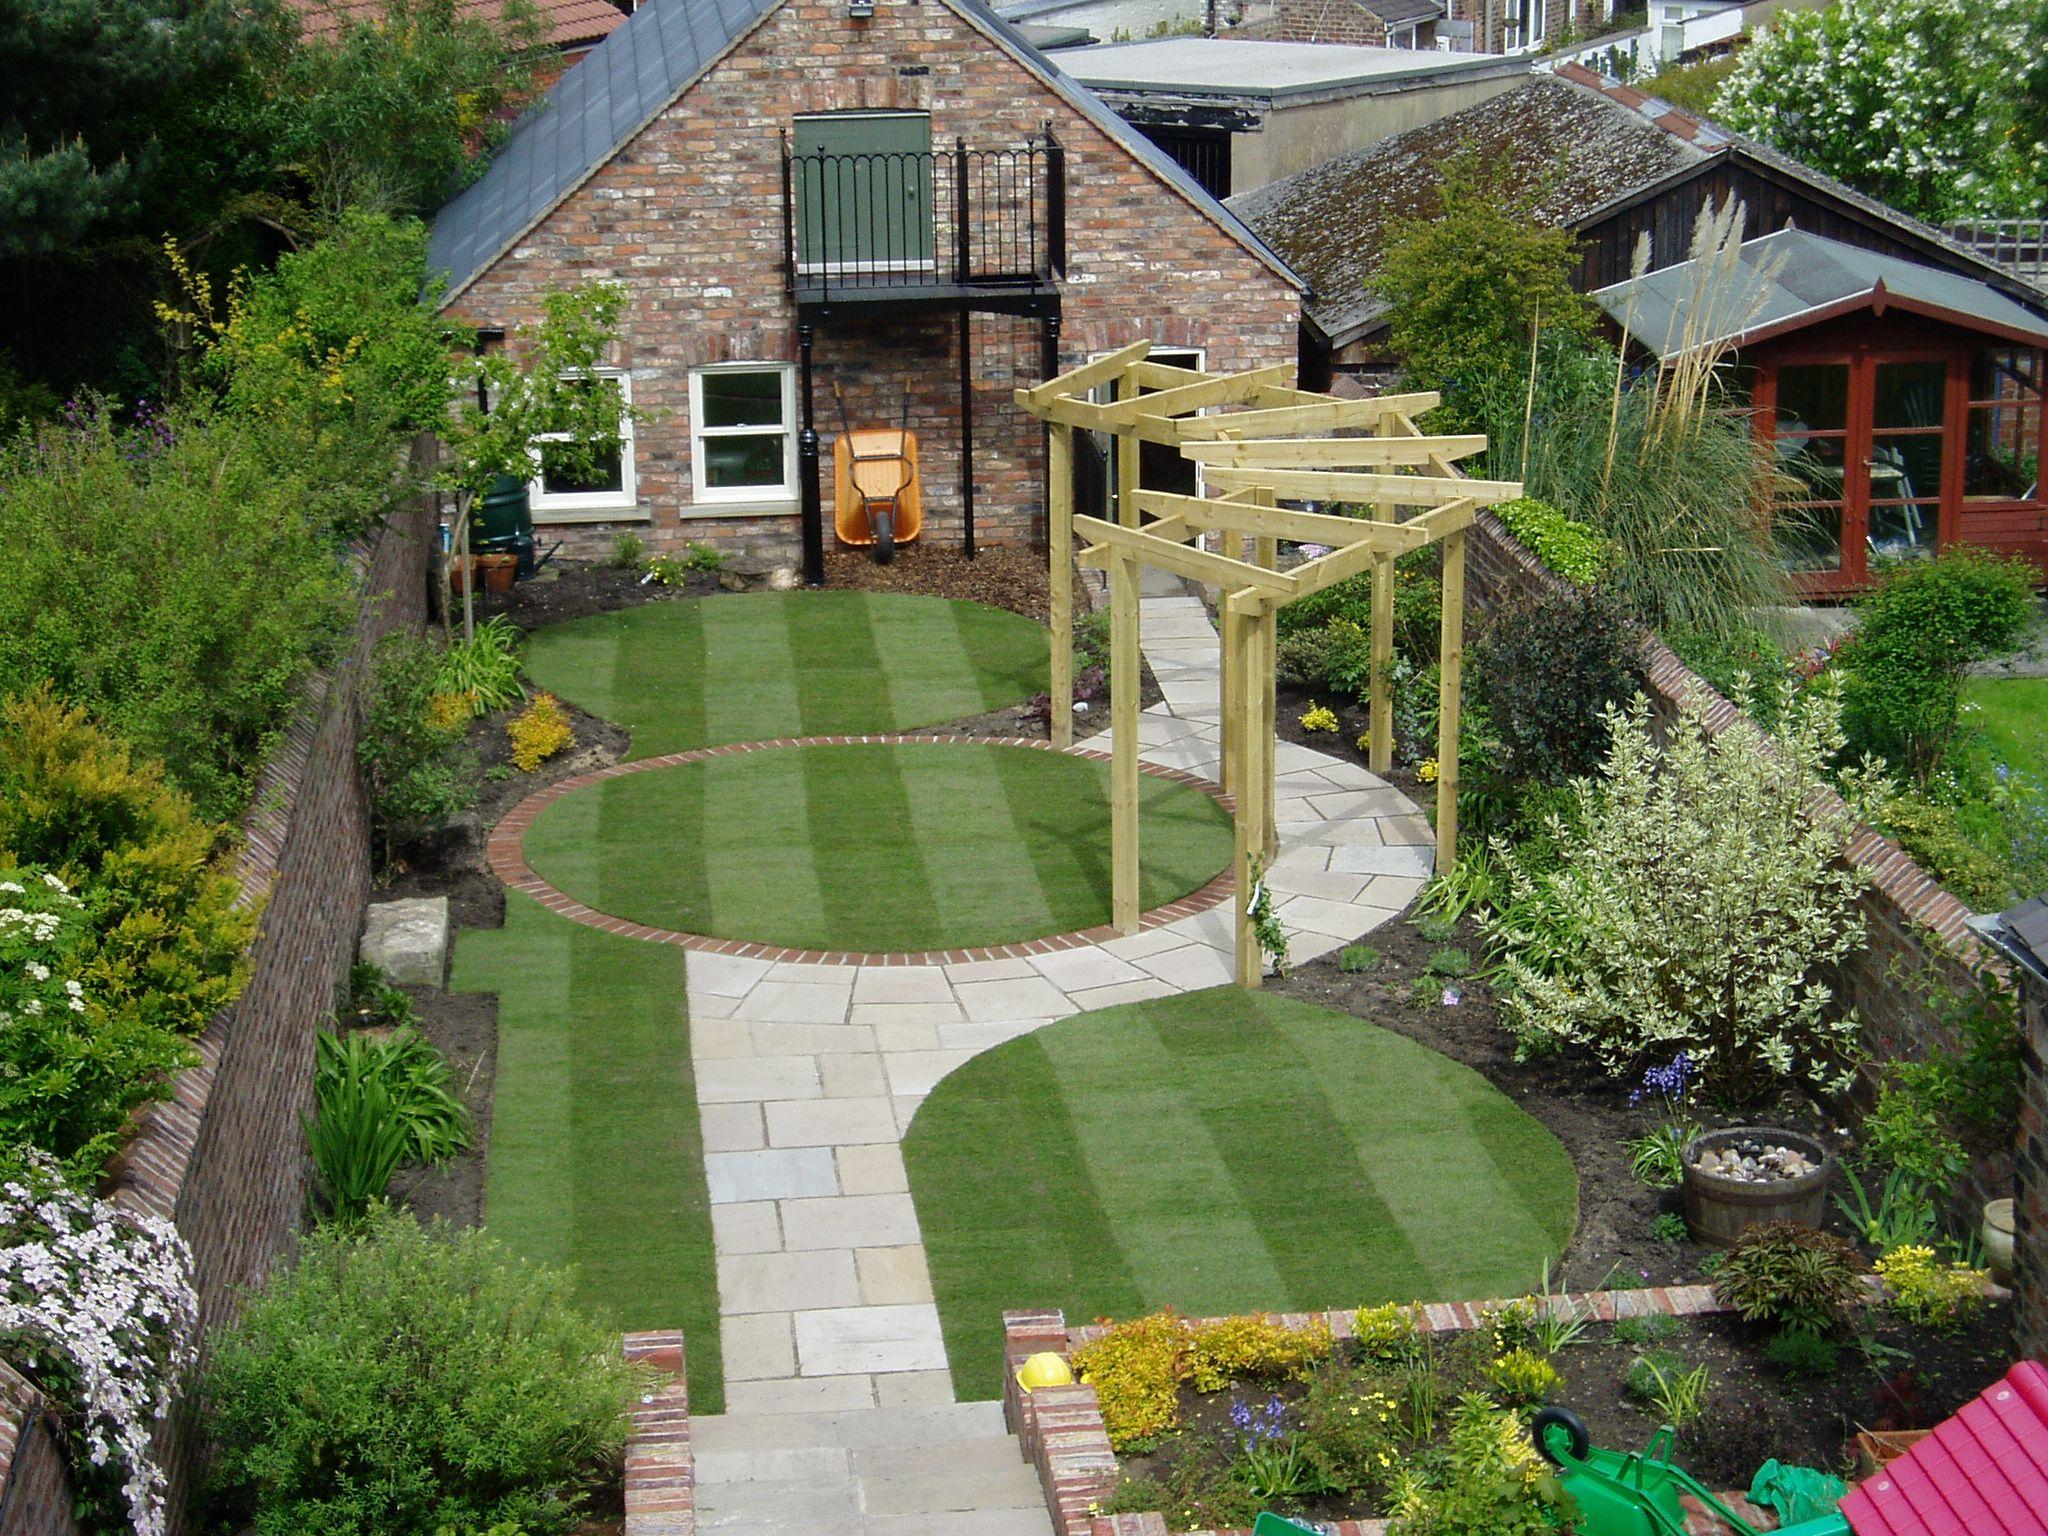 Garden Design For Small House